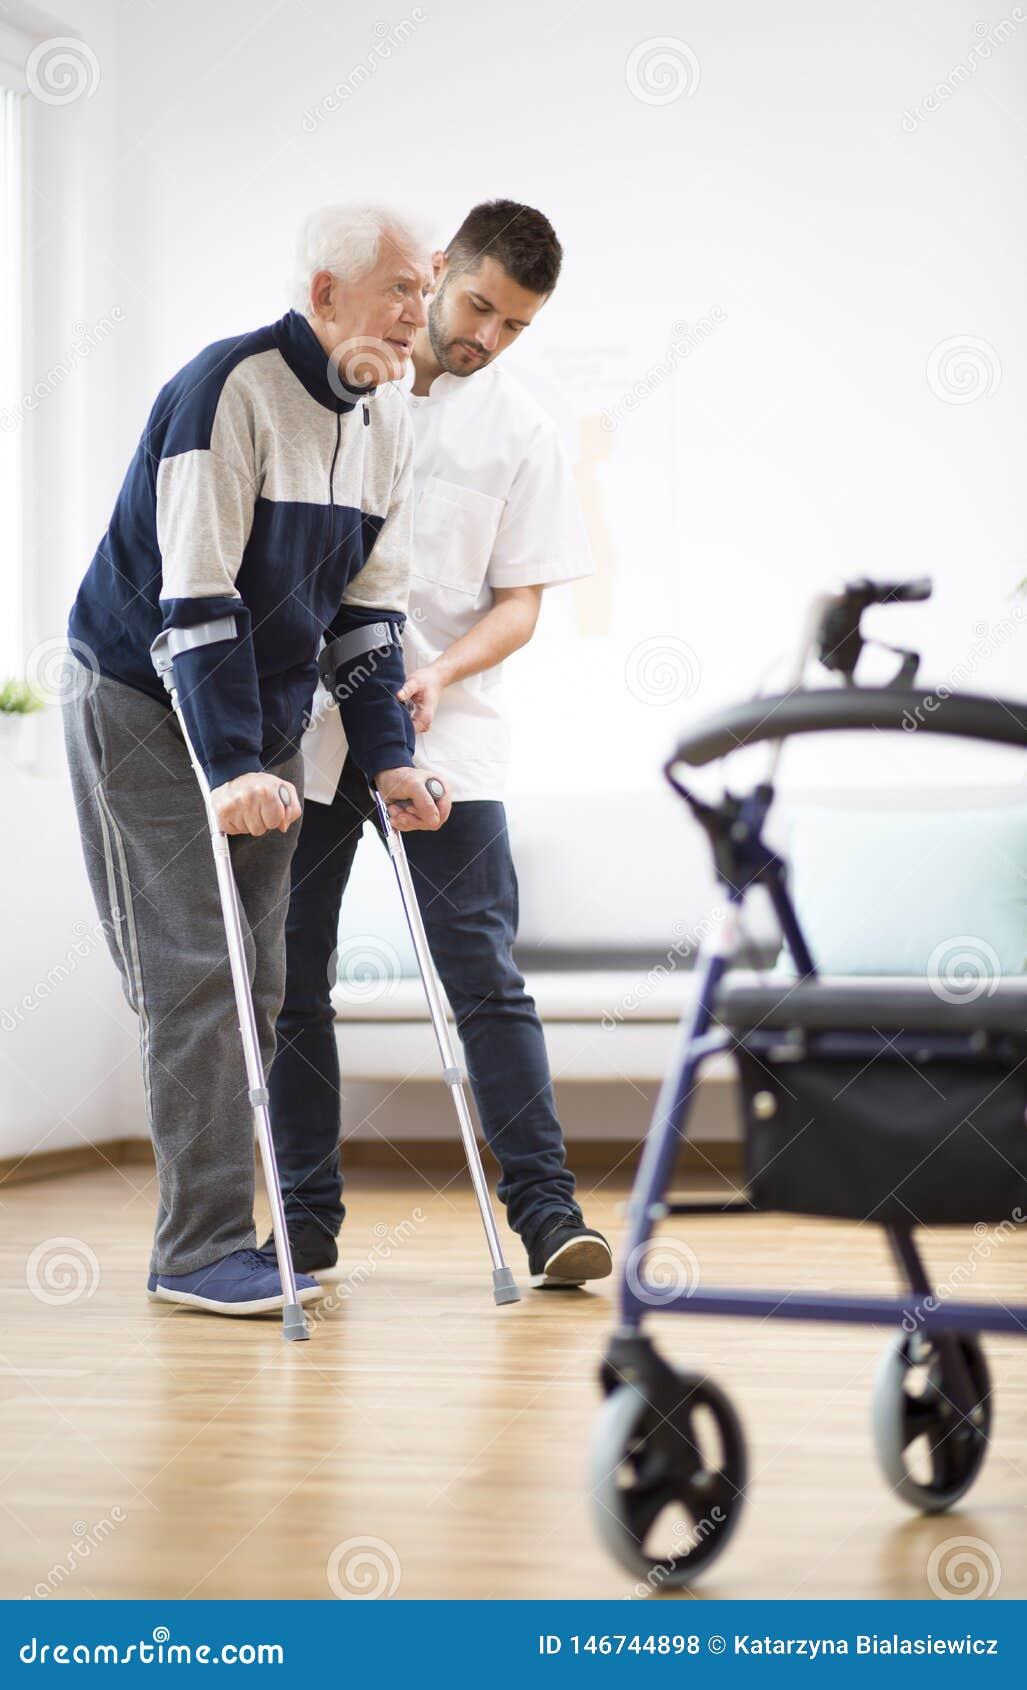 年长人走在拐杖的和支持他的一位男性护士